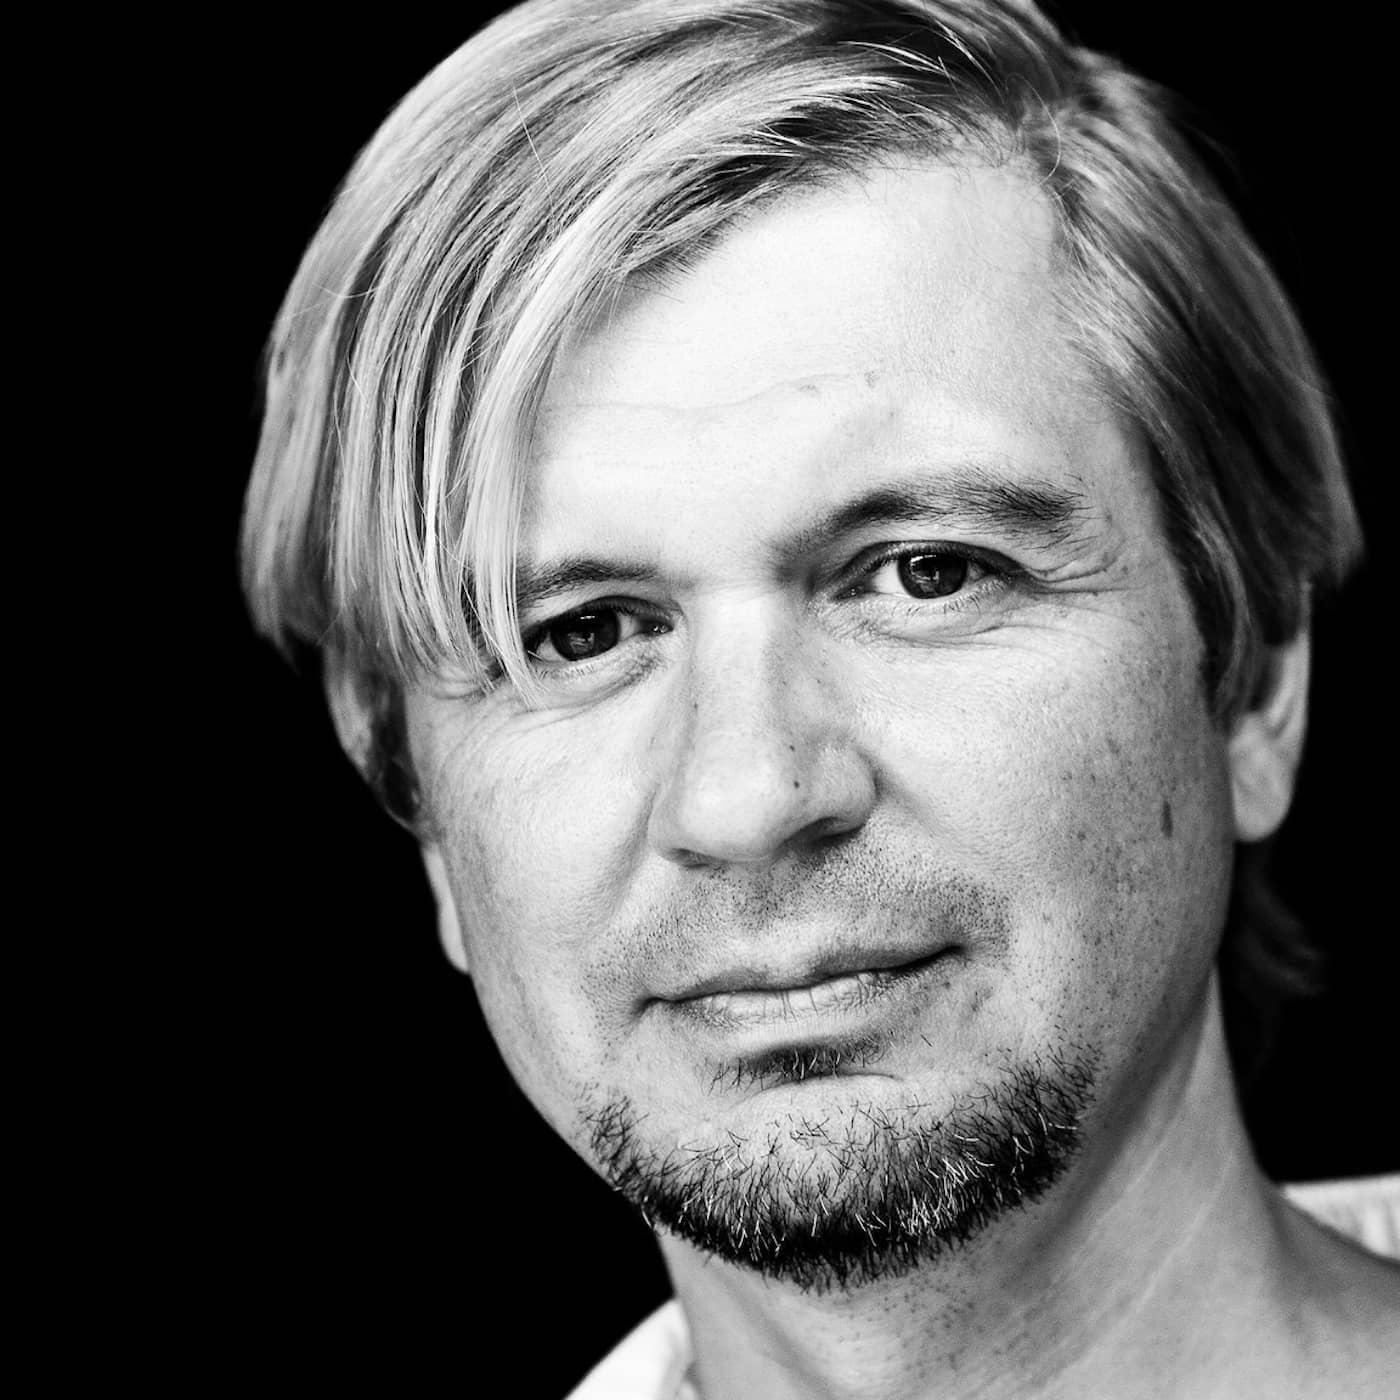 Fredrik Wadström om Ljavon Volskis protestsång och kulturlivet i Belarus ett år efter valet